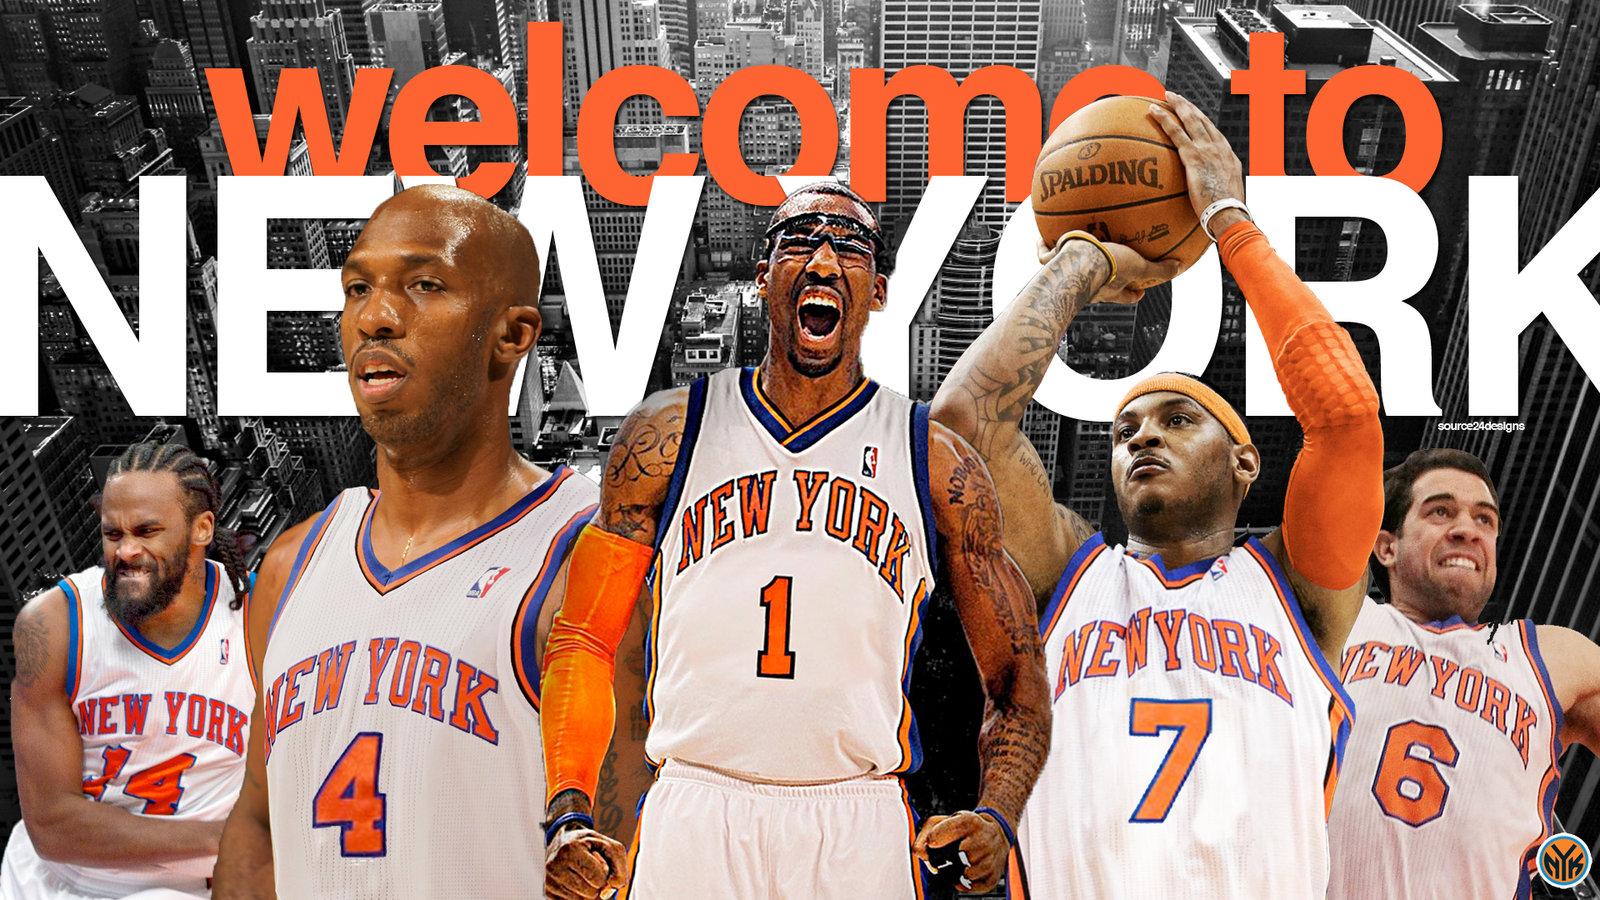 New York Knicks Wallpaper Widescreen 1600x900